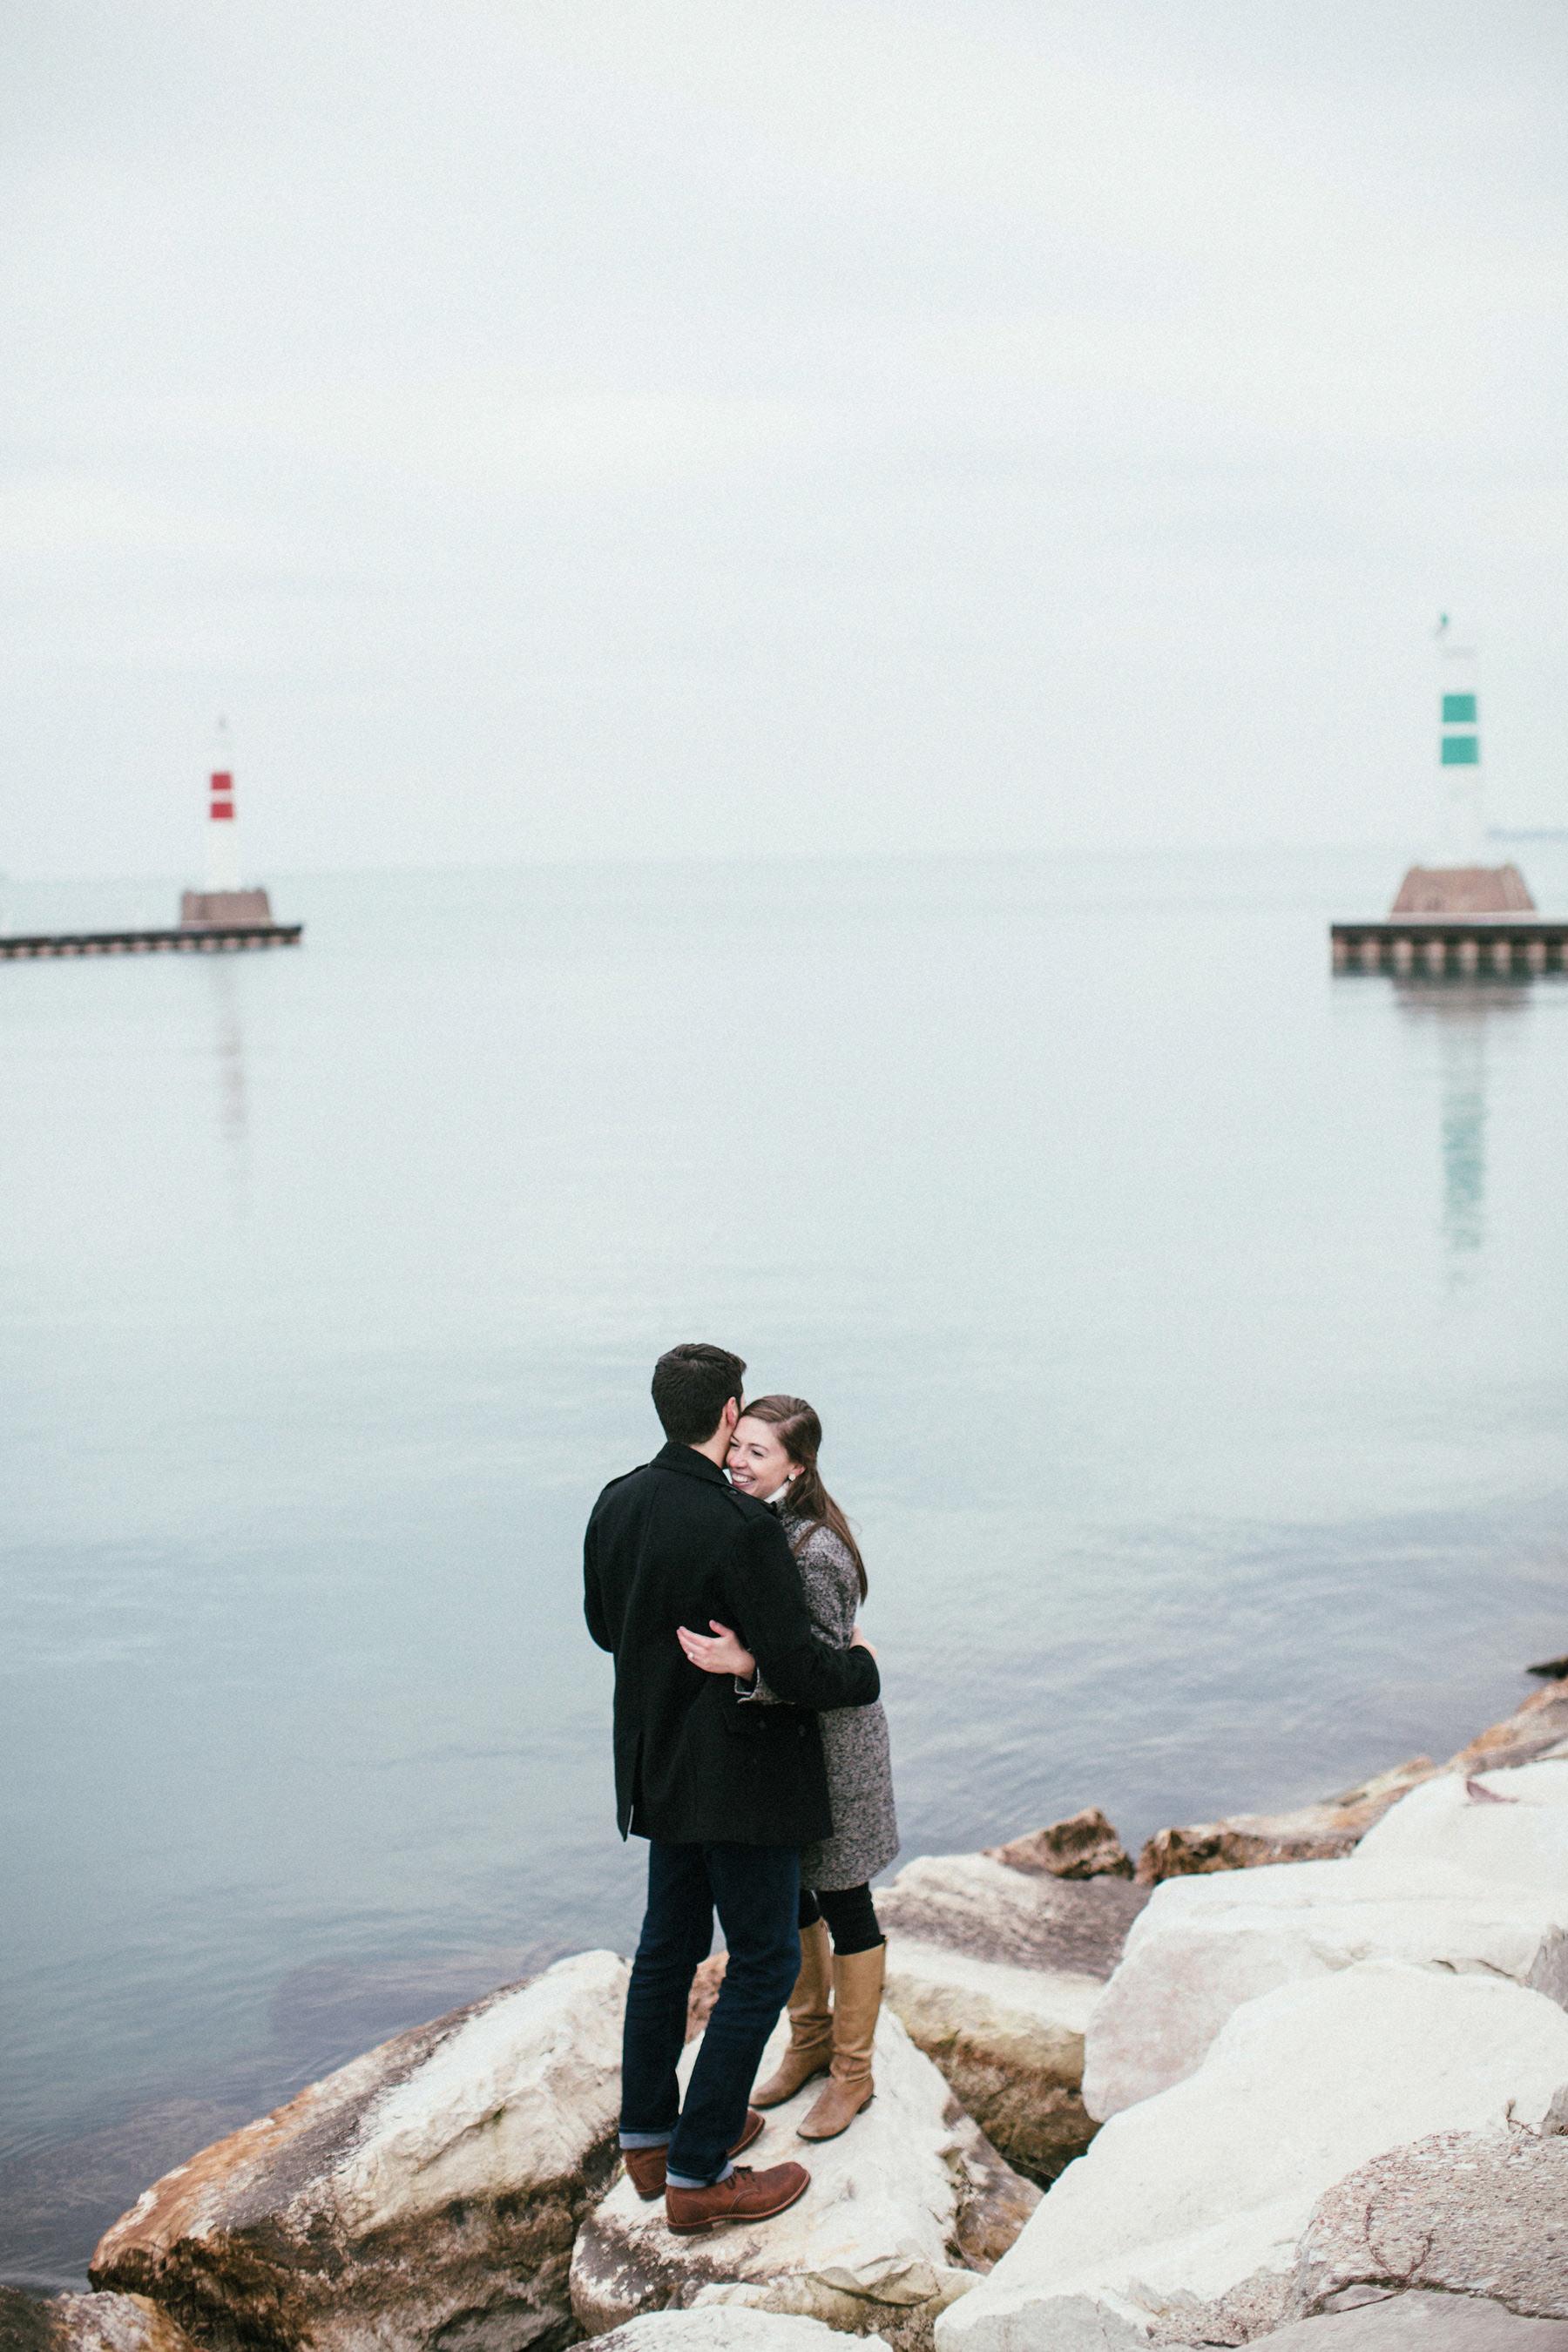 Chicago Engagement Session_Montrose Park_Kindling Wedding PhotographyBLOG19.JPG